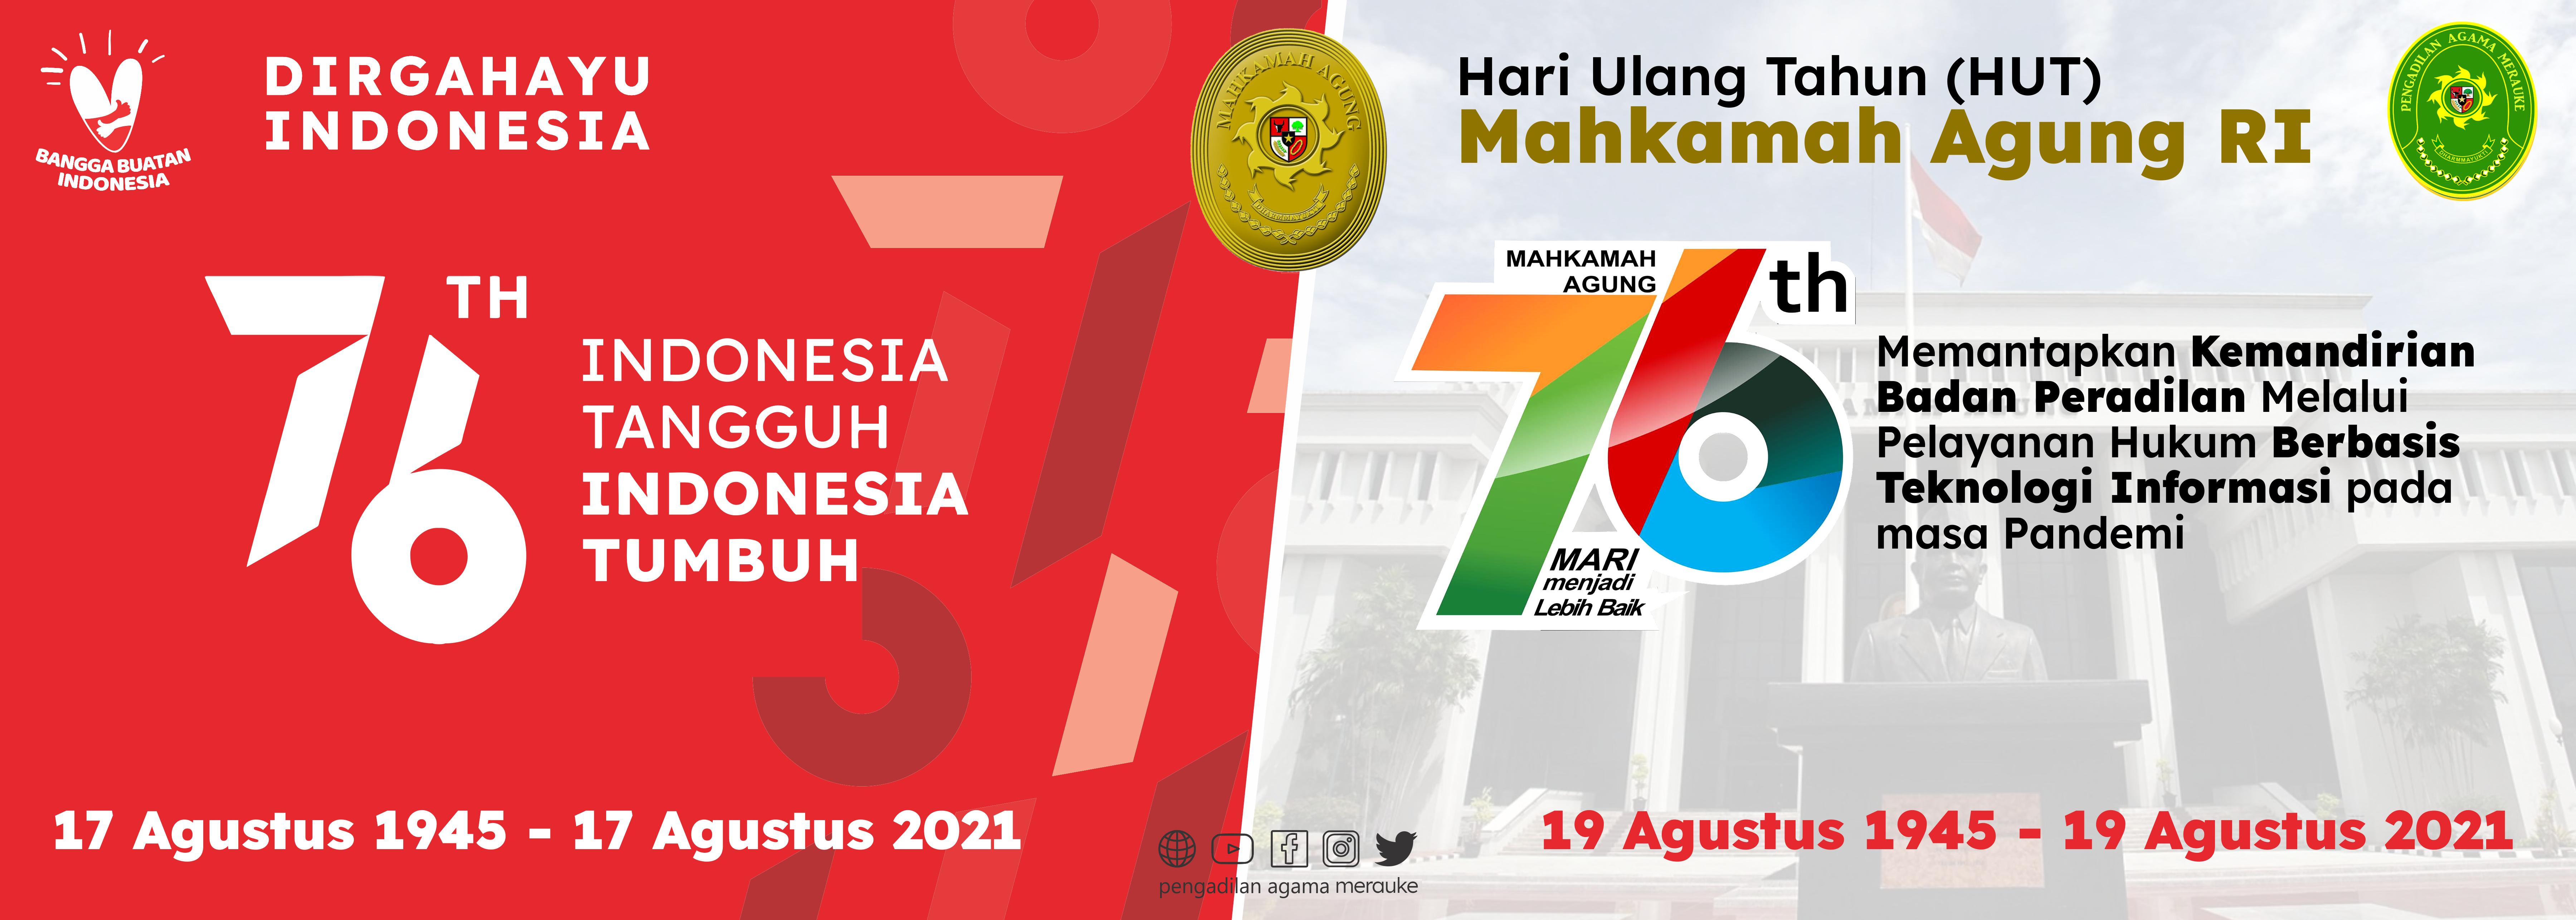 Pengadiln Agama Merauke Mengucapkan Selamat Dirgahayu Republik Indonesia dan Hari Ulang Tahun Mahkamah Agung RI